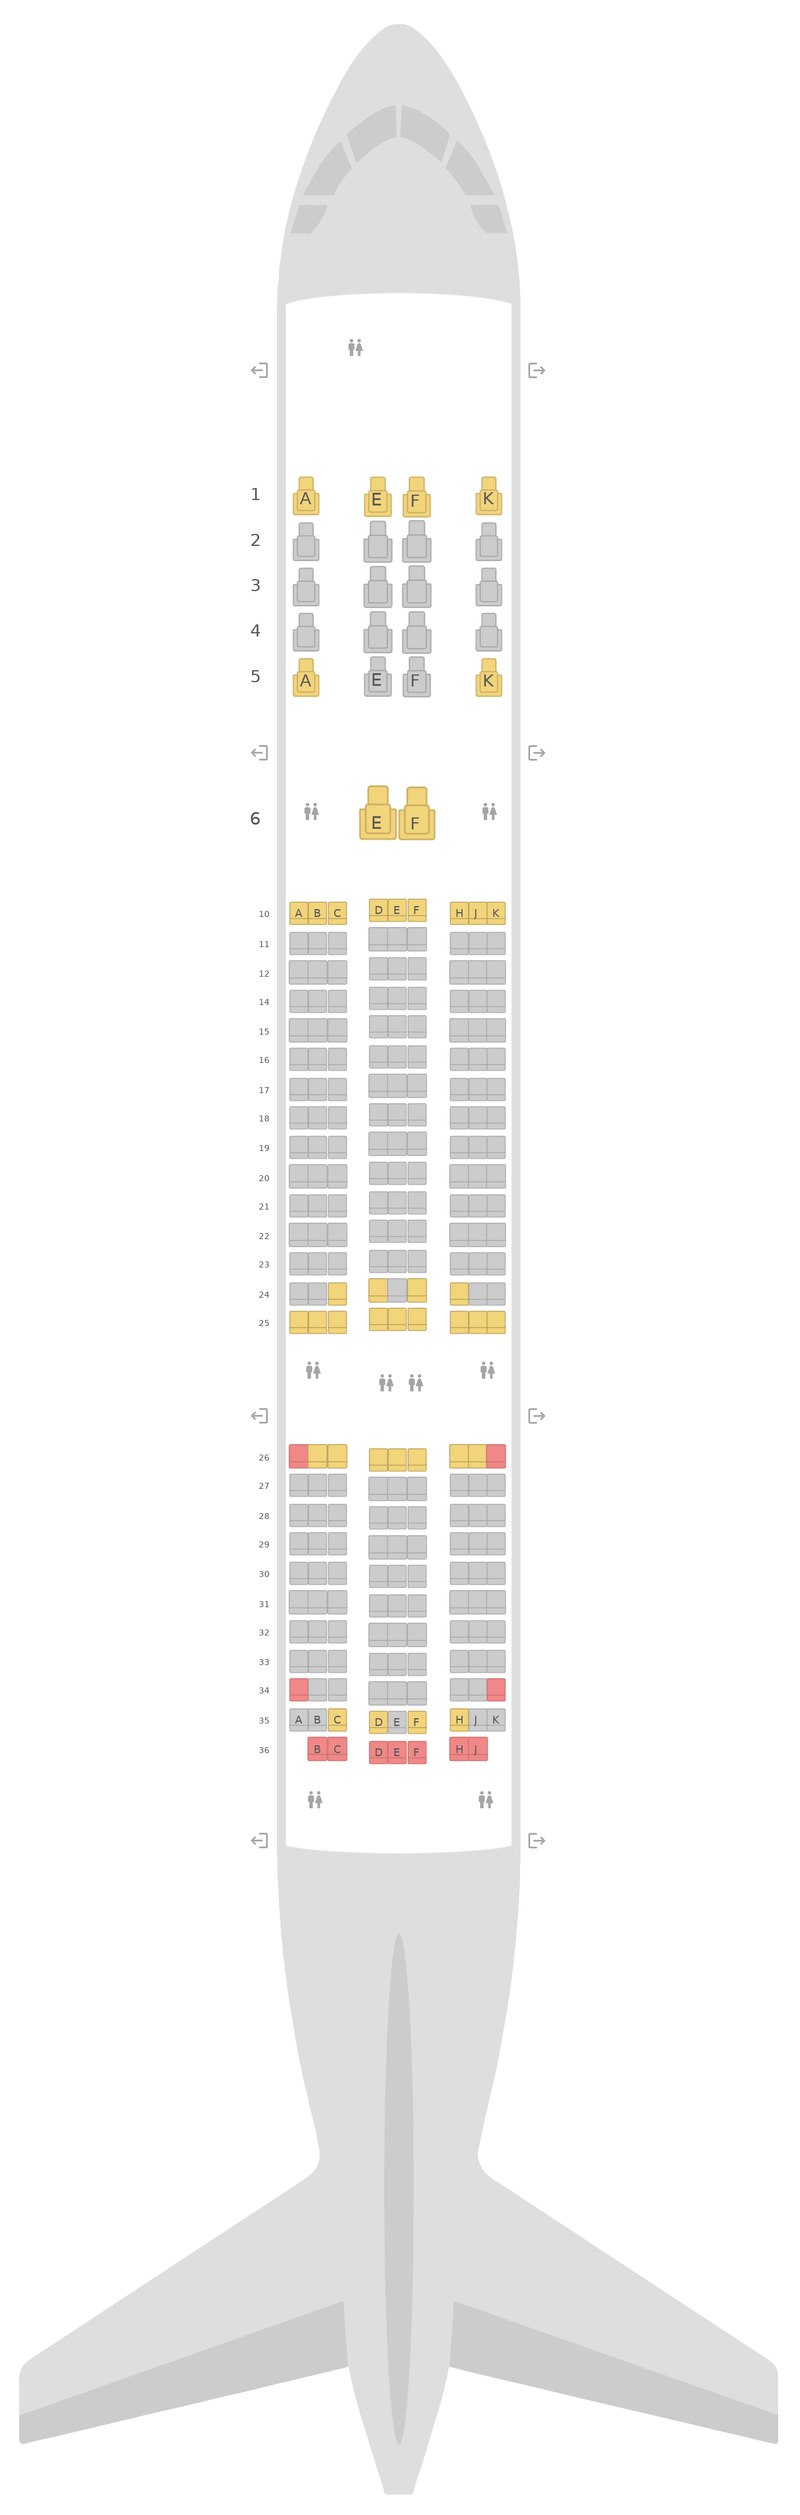 Mapa de asientos Boeing 787-8 (788) Qatar Airways